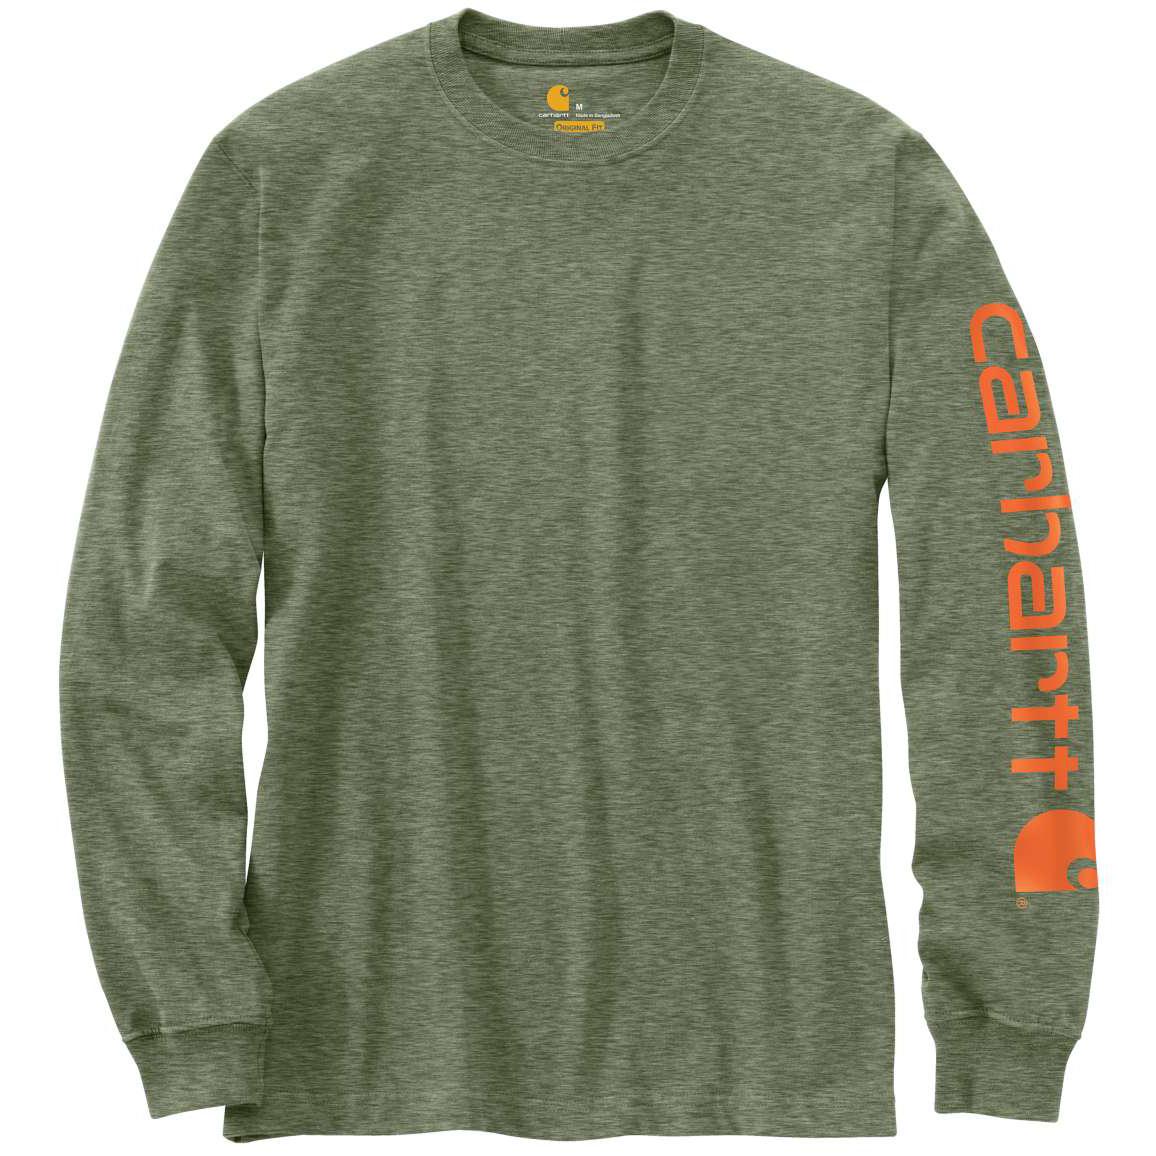 Carhartt Men's Logo Long-Sleeve Shirt, Extended Sizes - Green, 3XL